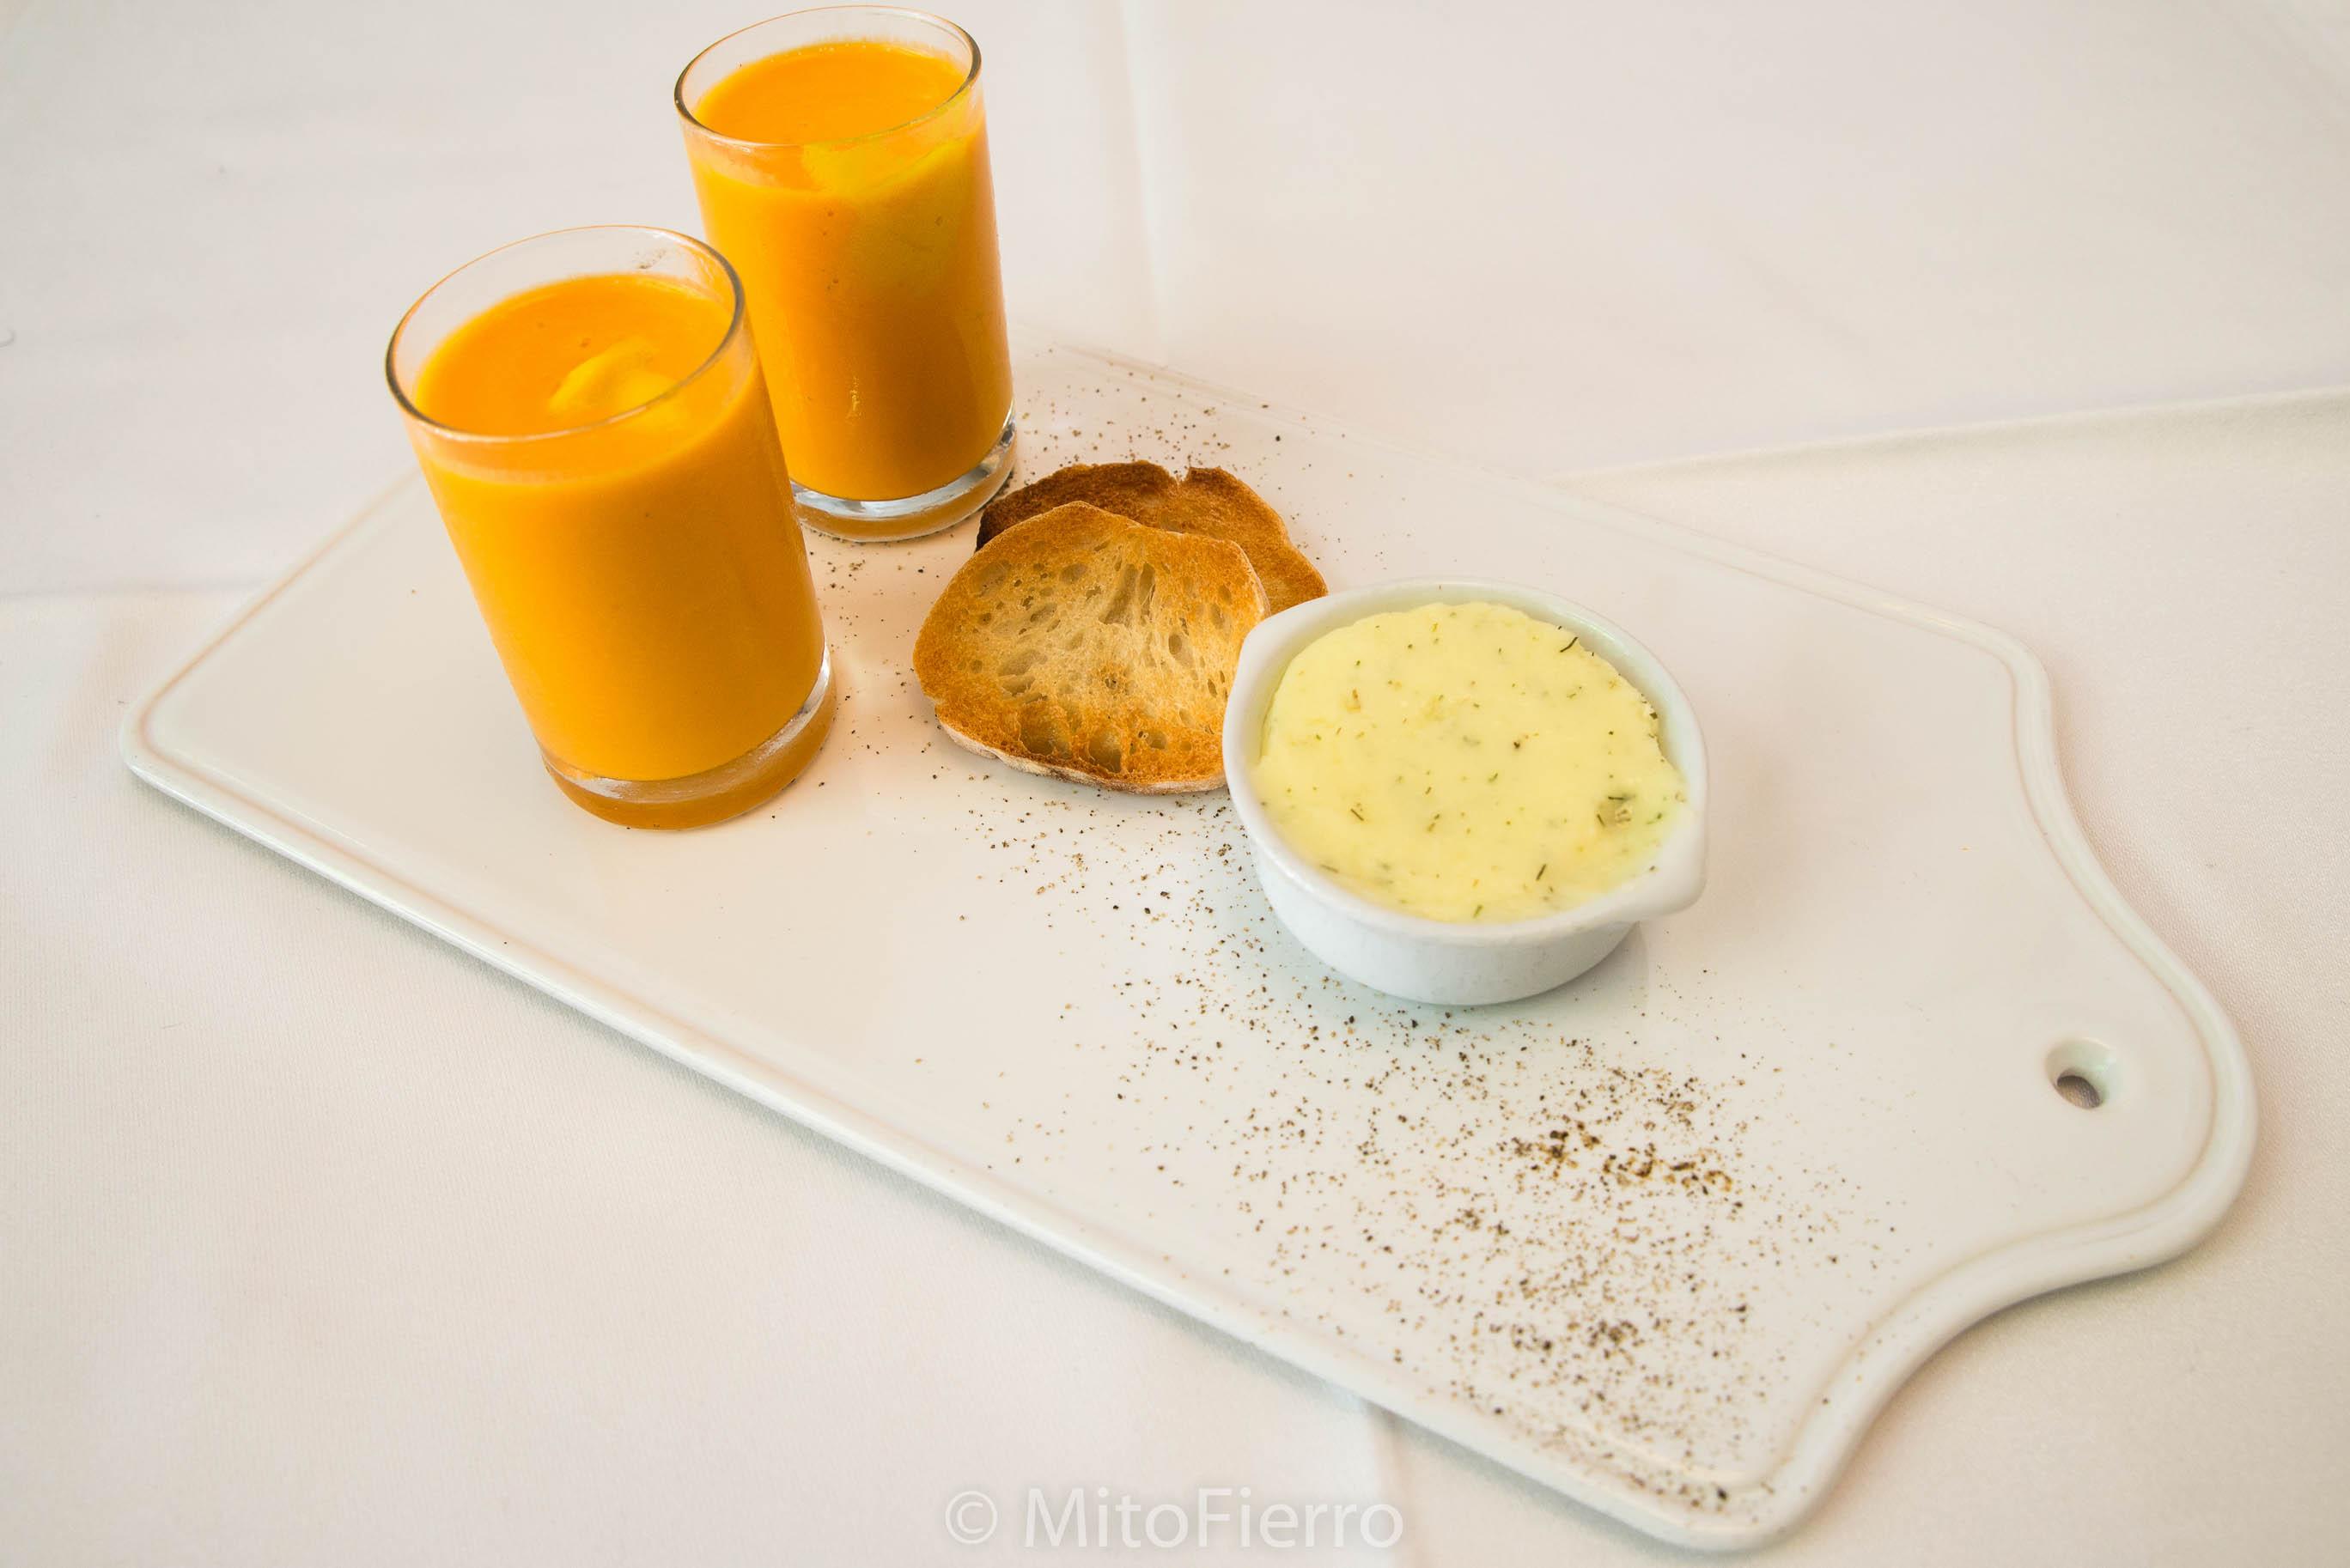 Aperitivo de crema de tomate y mantequilla casera.